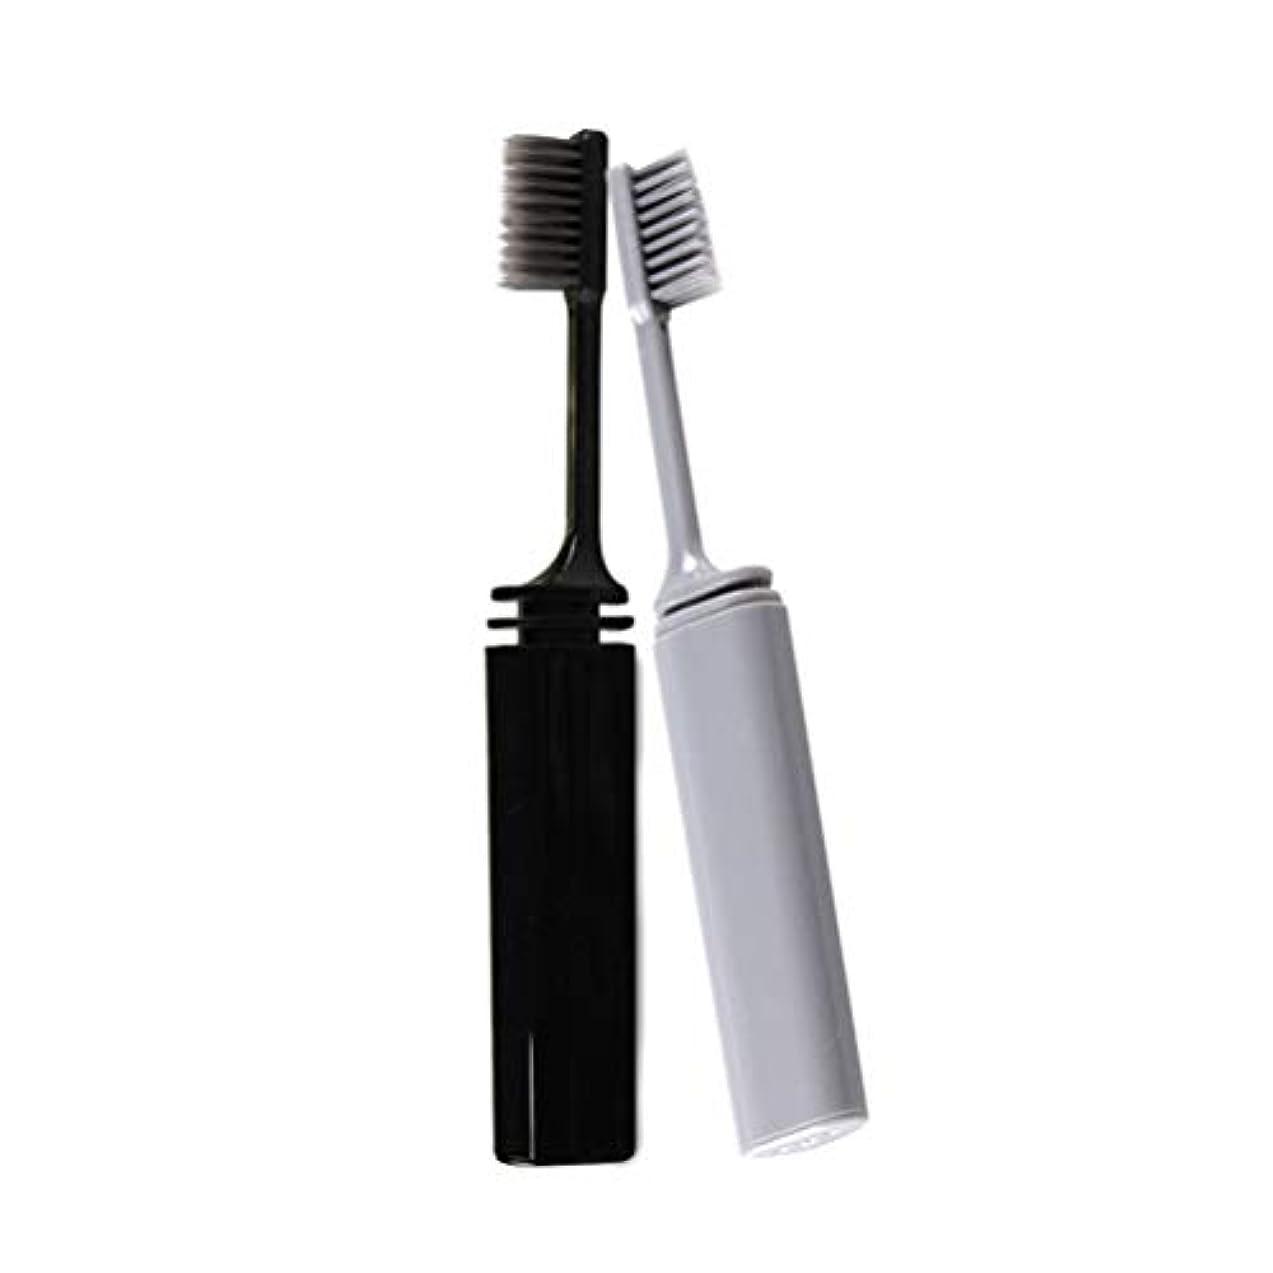 一晩ニュース勝利したSUPVOX 2本旅行歯ブラシポータブル折りたたみ竹炭柔らかい剛毛歯ブラシ(グレーブラック)